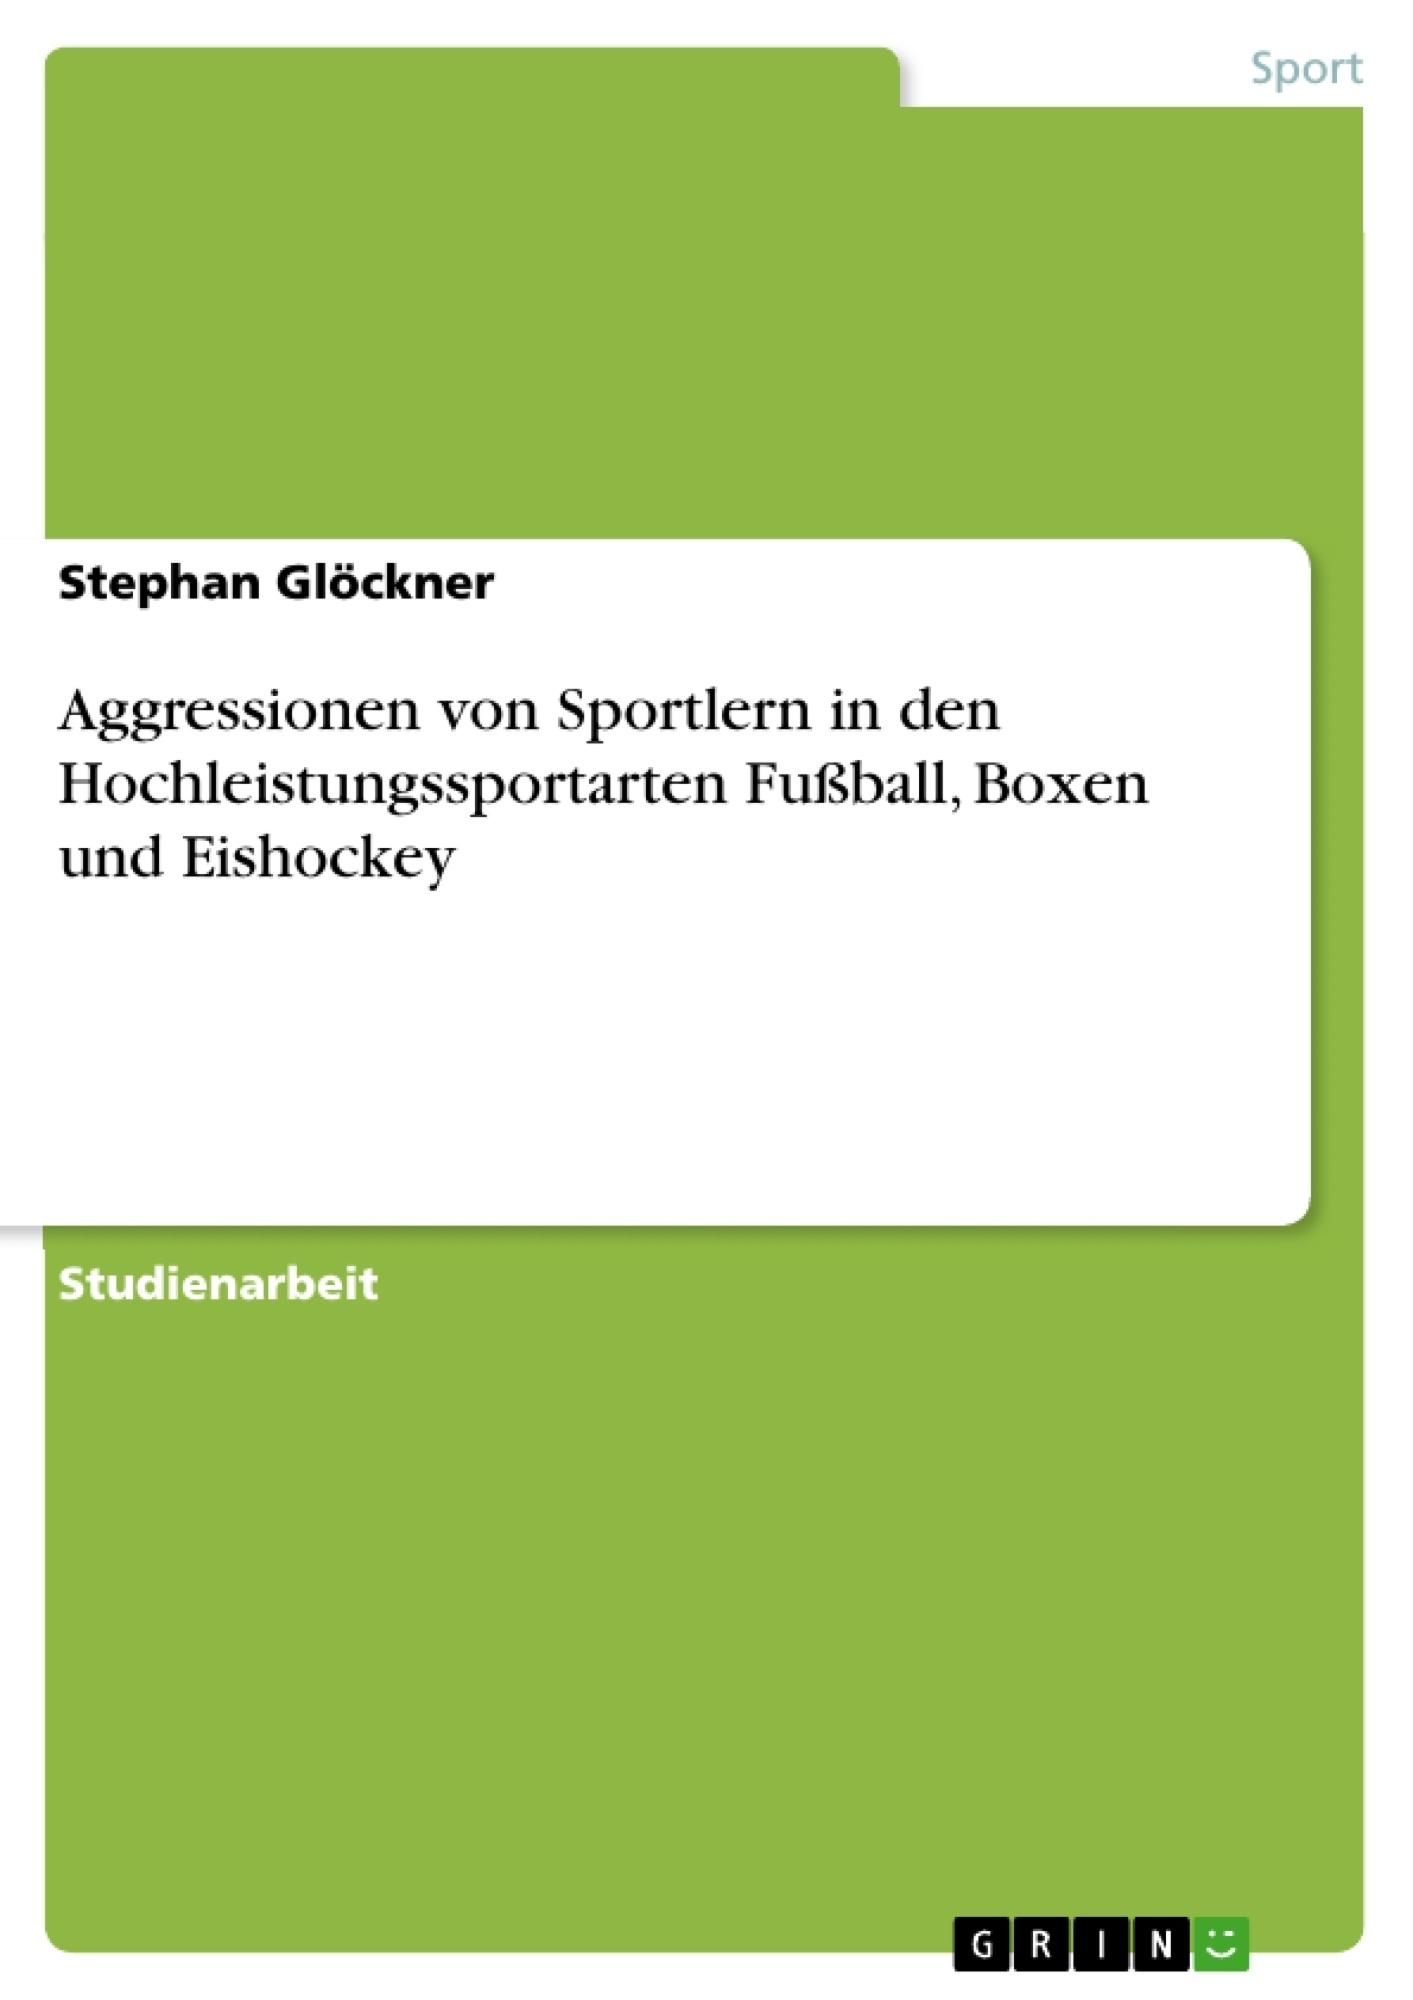 Titel: Aggressionen von Sportlern in den Hochleistungssportarten Fußball, Boxen und Eishockey